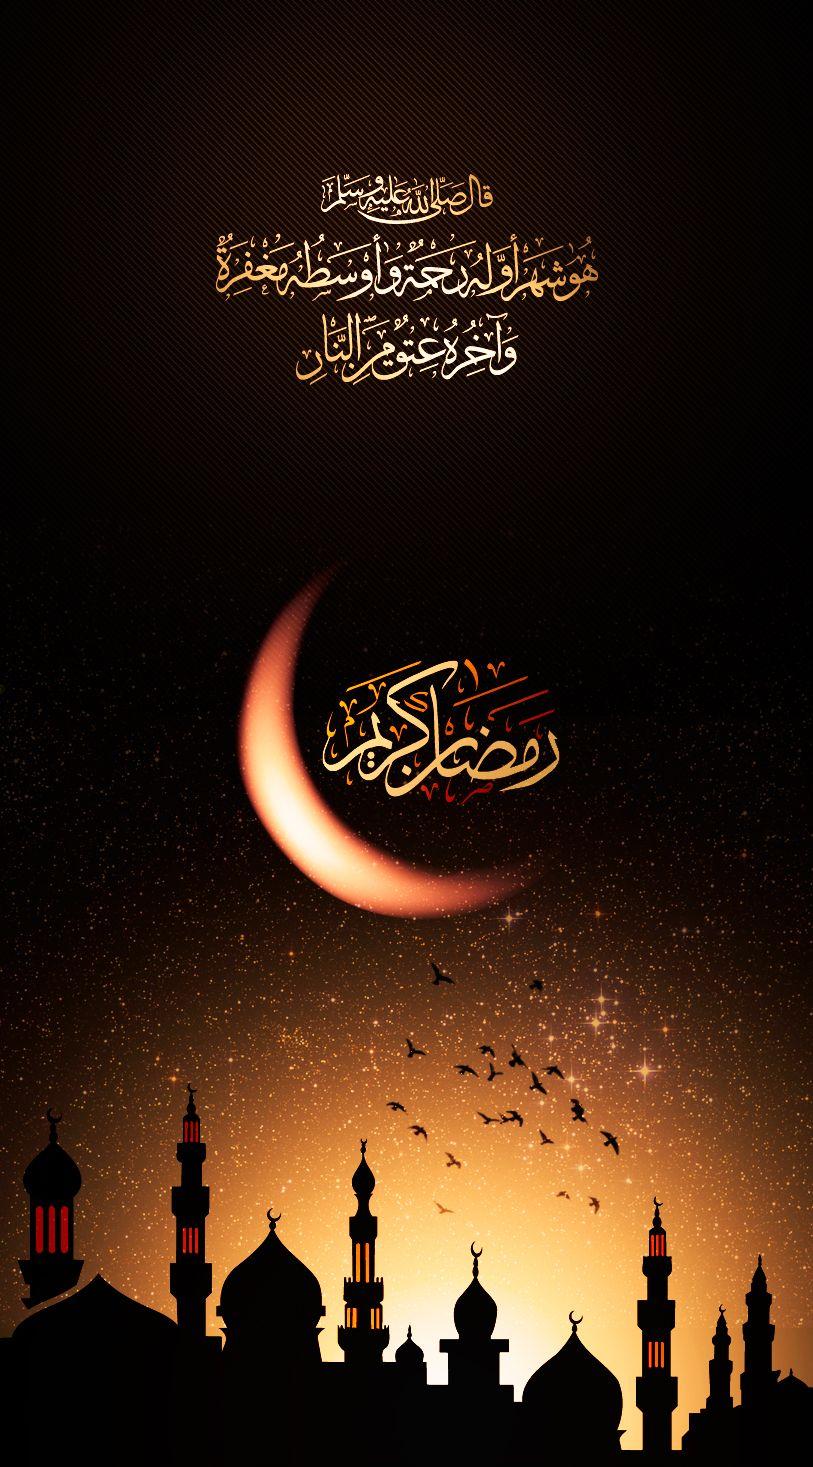 Marhaban Ya Ramadan Ramadan Mubarak Wallpapers Ramadan Poster Wallpaper Ramadhan